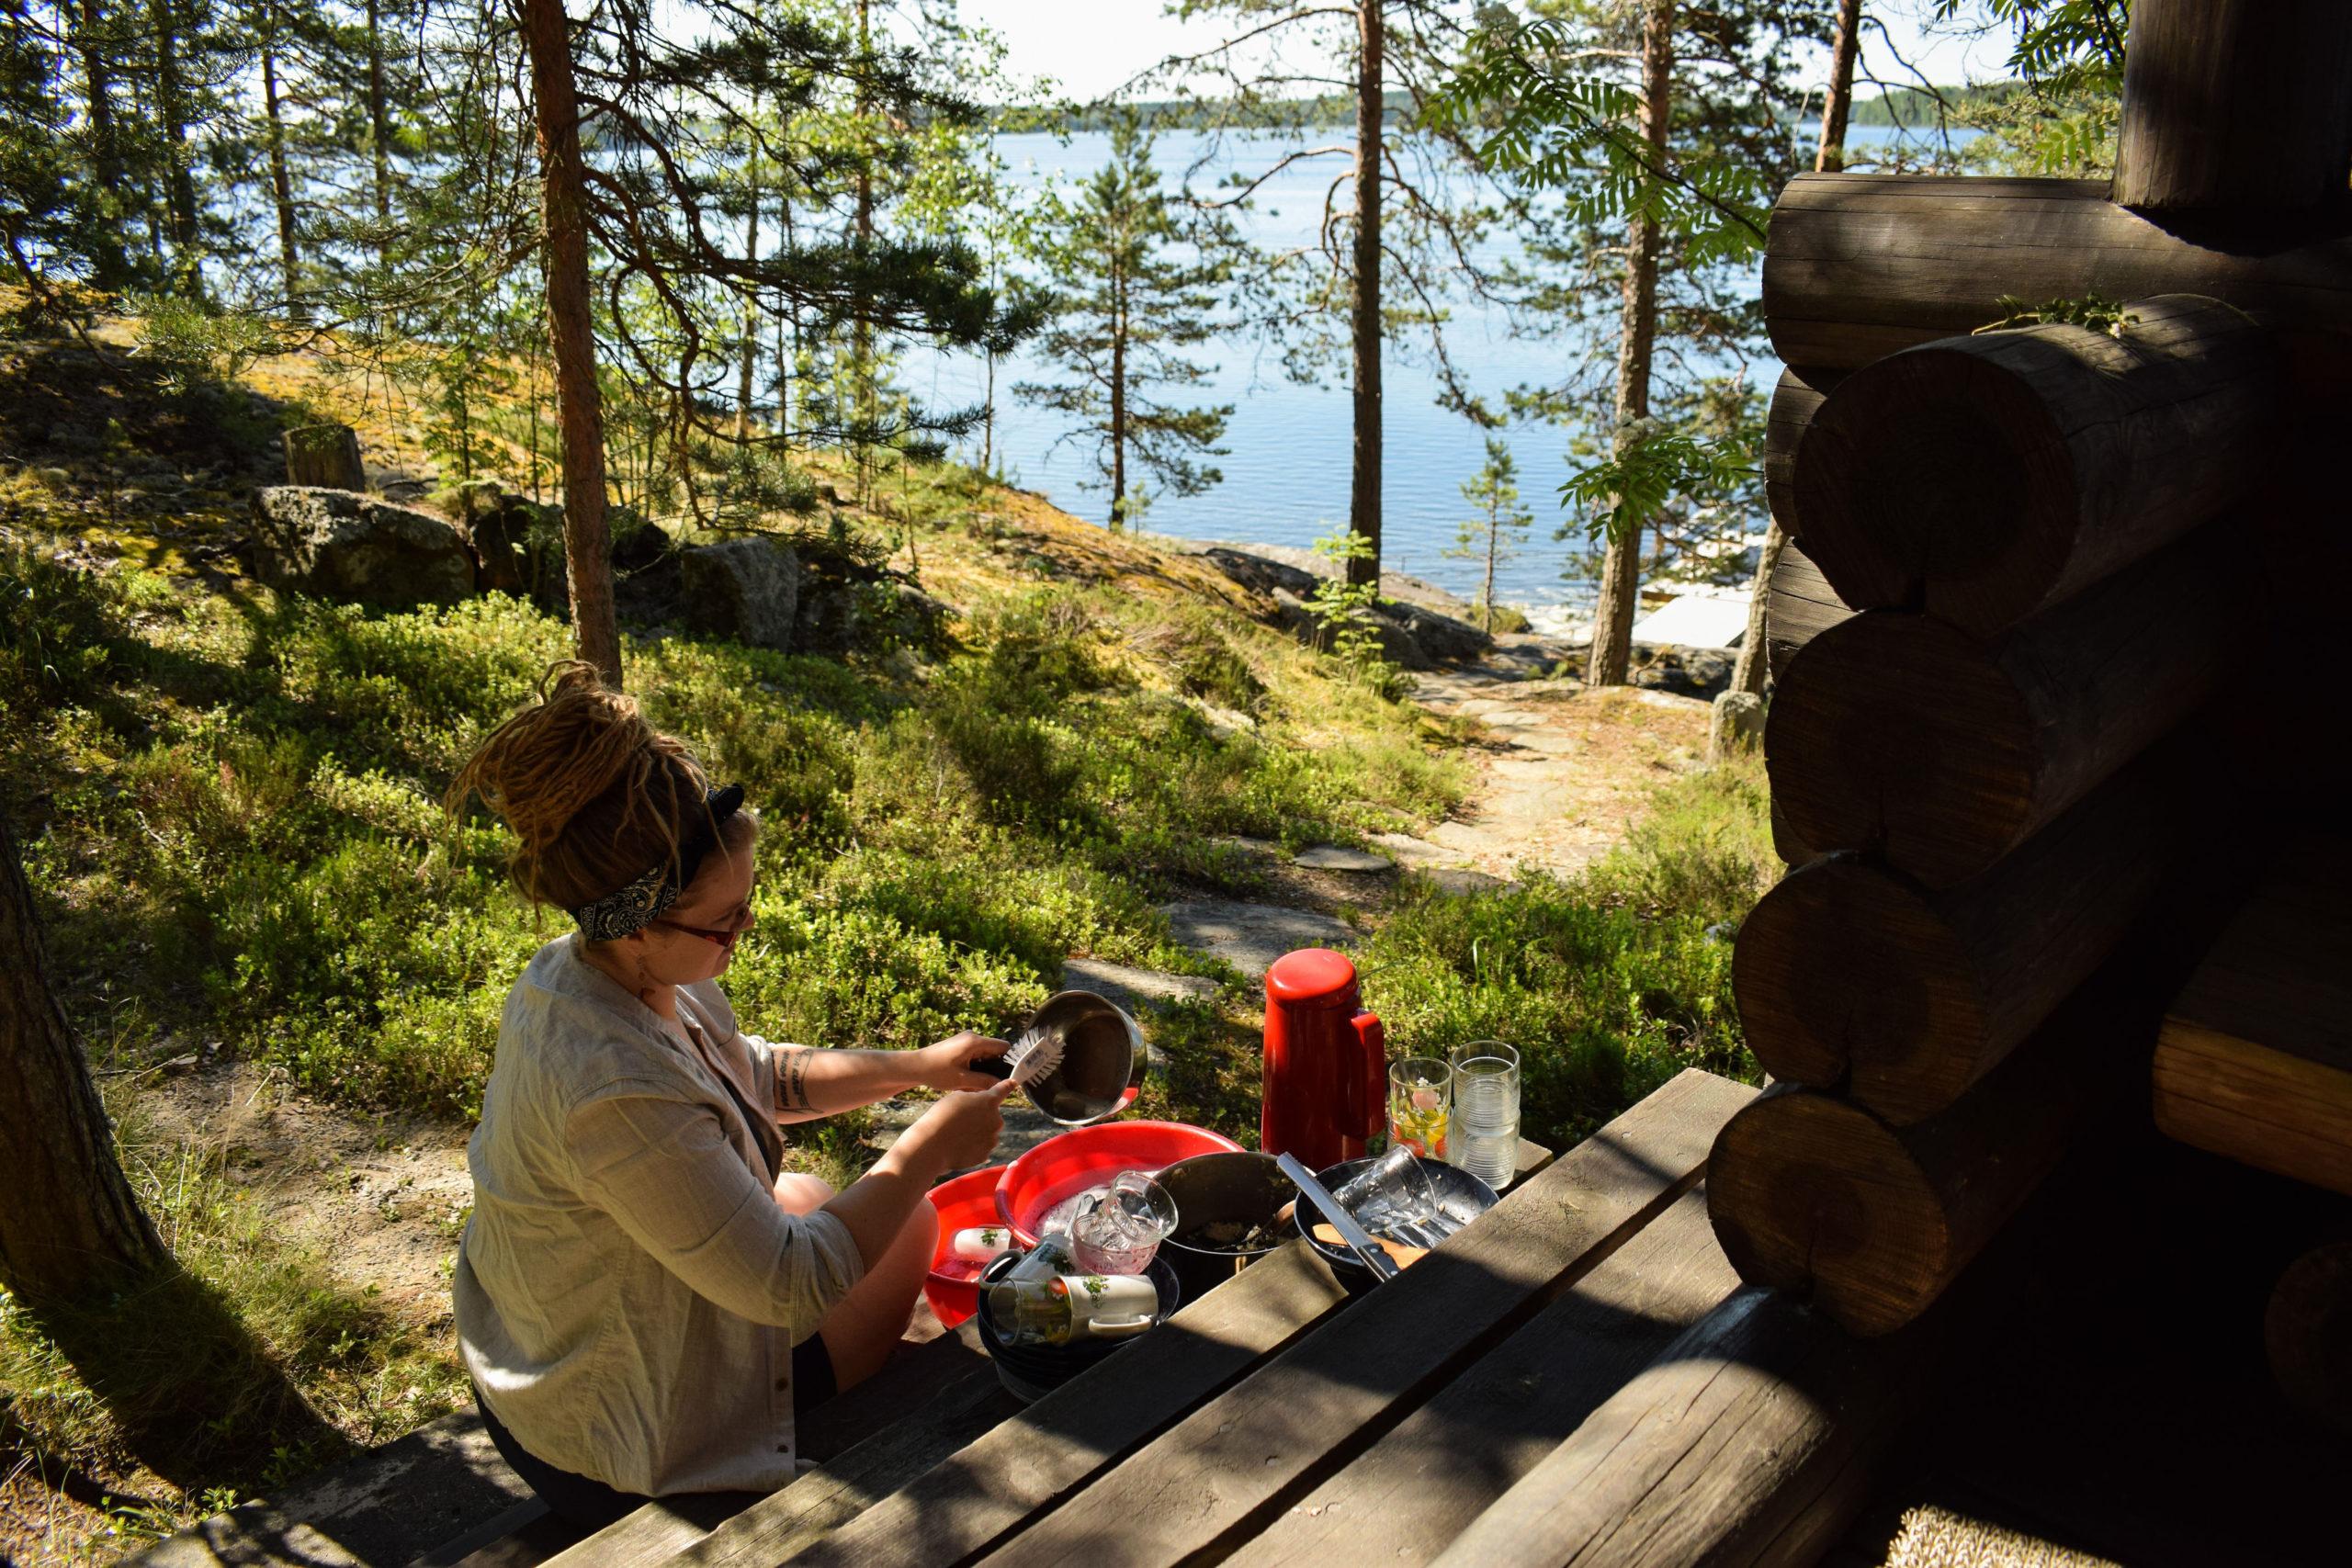 Woman doing dishes outdoors at Kukkoniemen Lomamökit rental cottages in Punkaharju, Saimaa